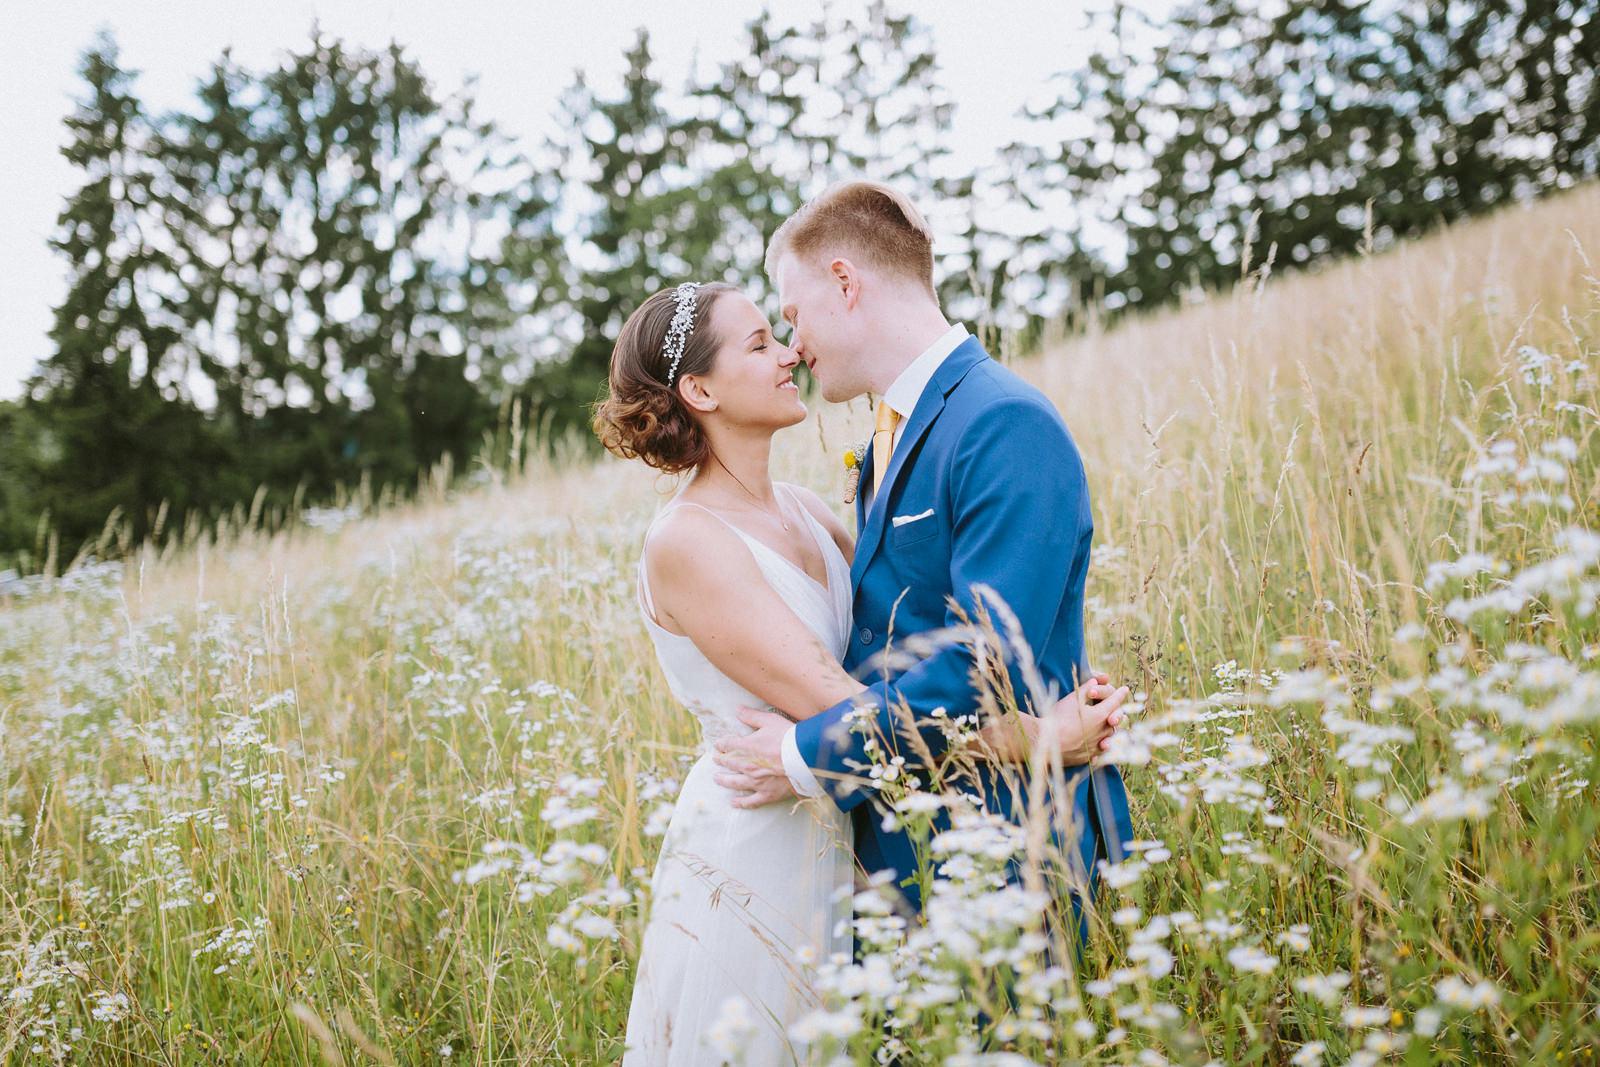 wedding portraits spielfeld